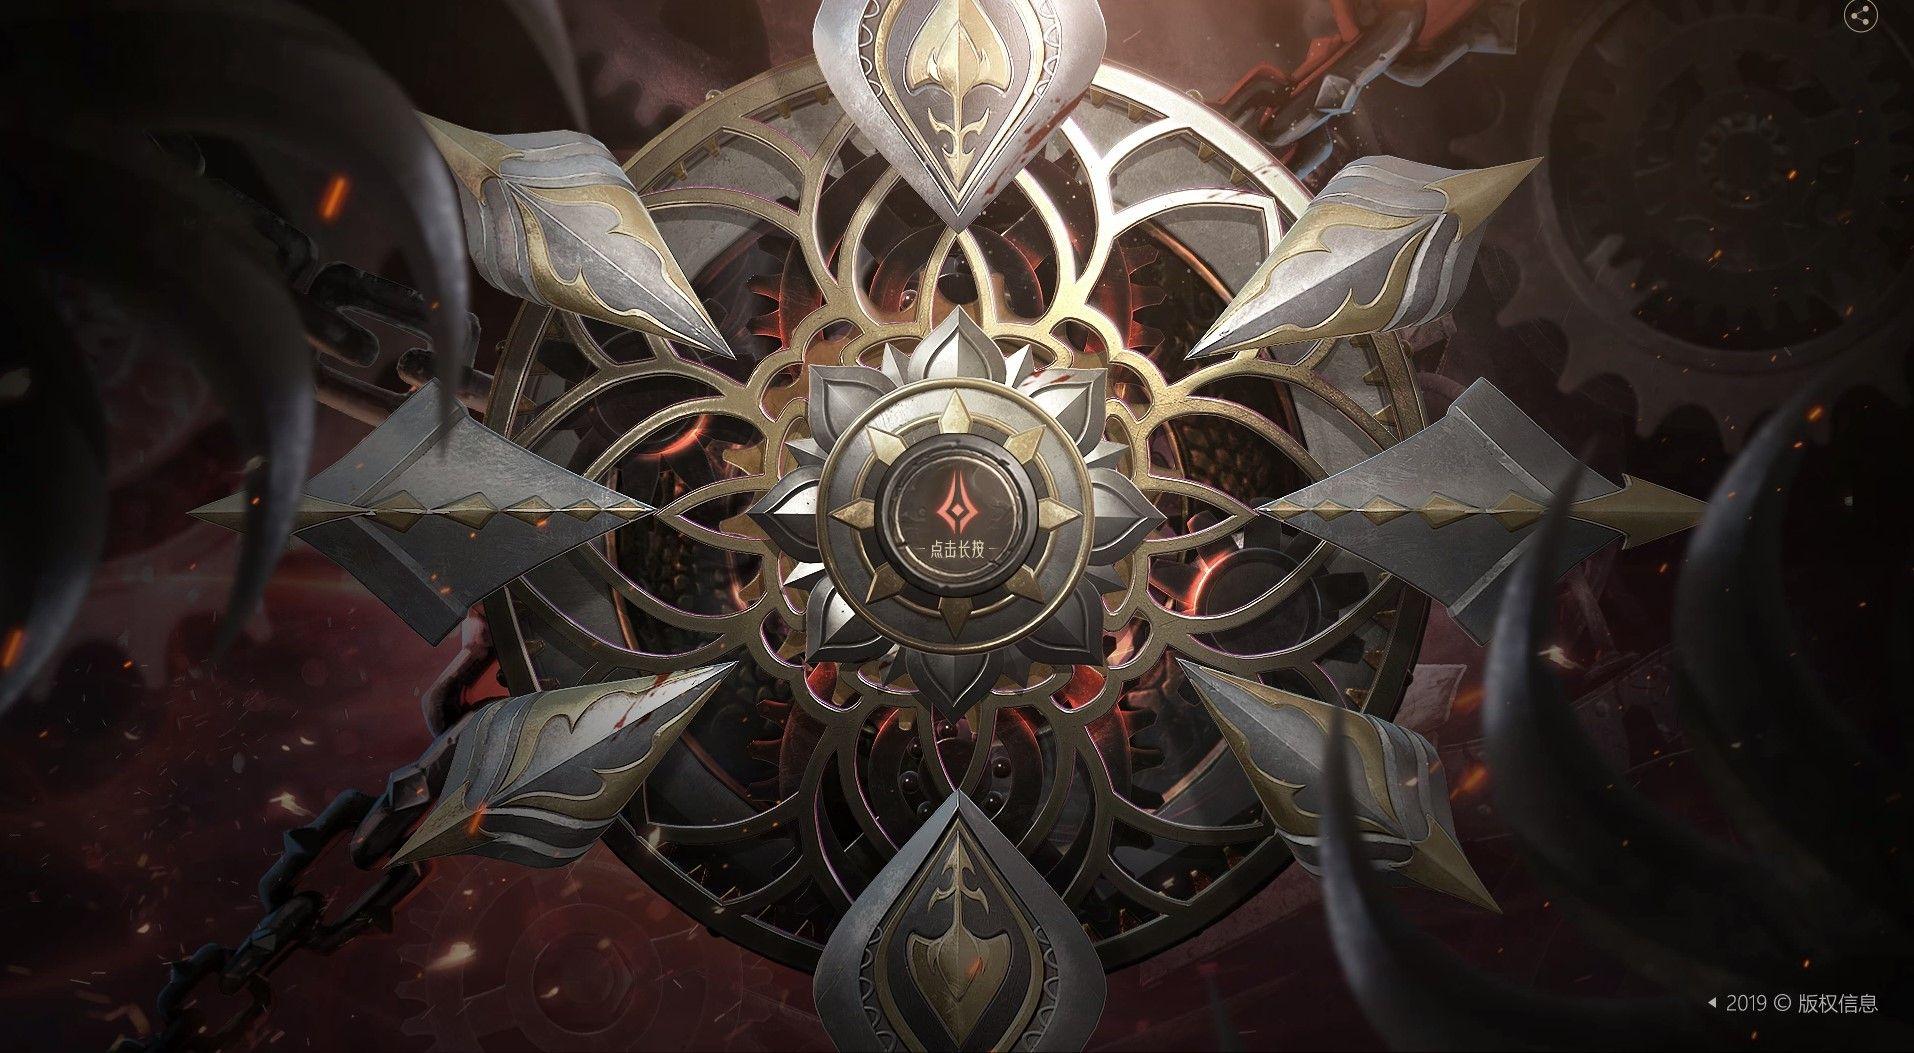 网易血滴子铁血煞星怎么样 血滴子玩法攻略[多图]图片2